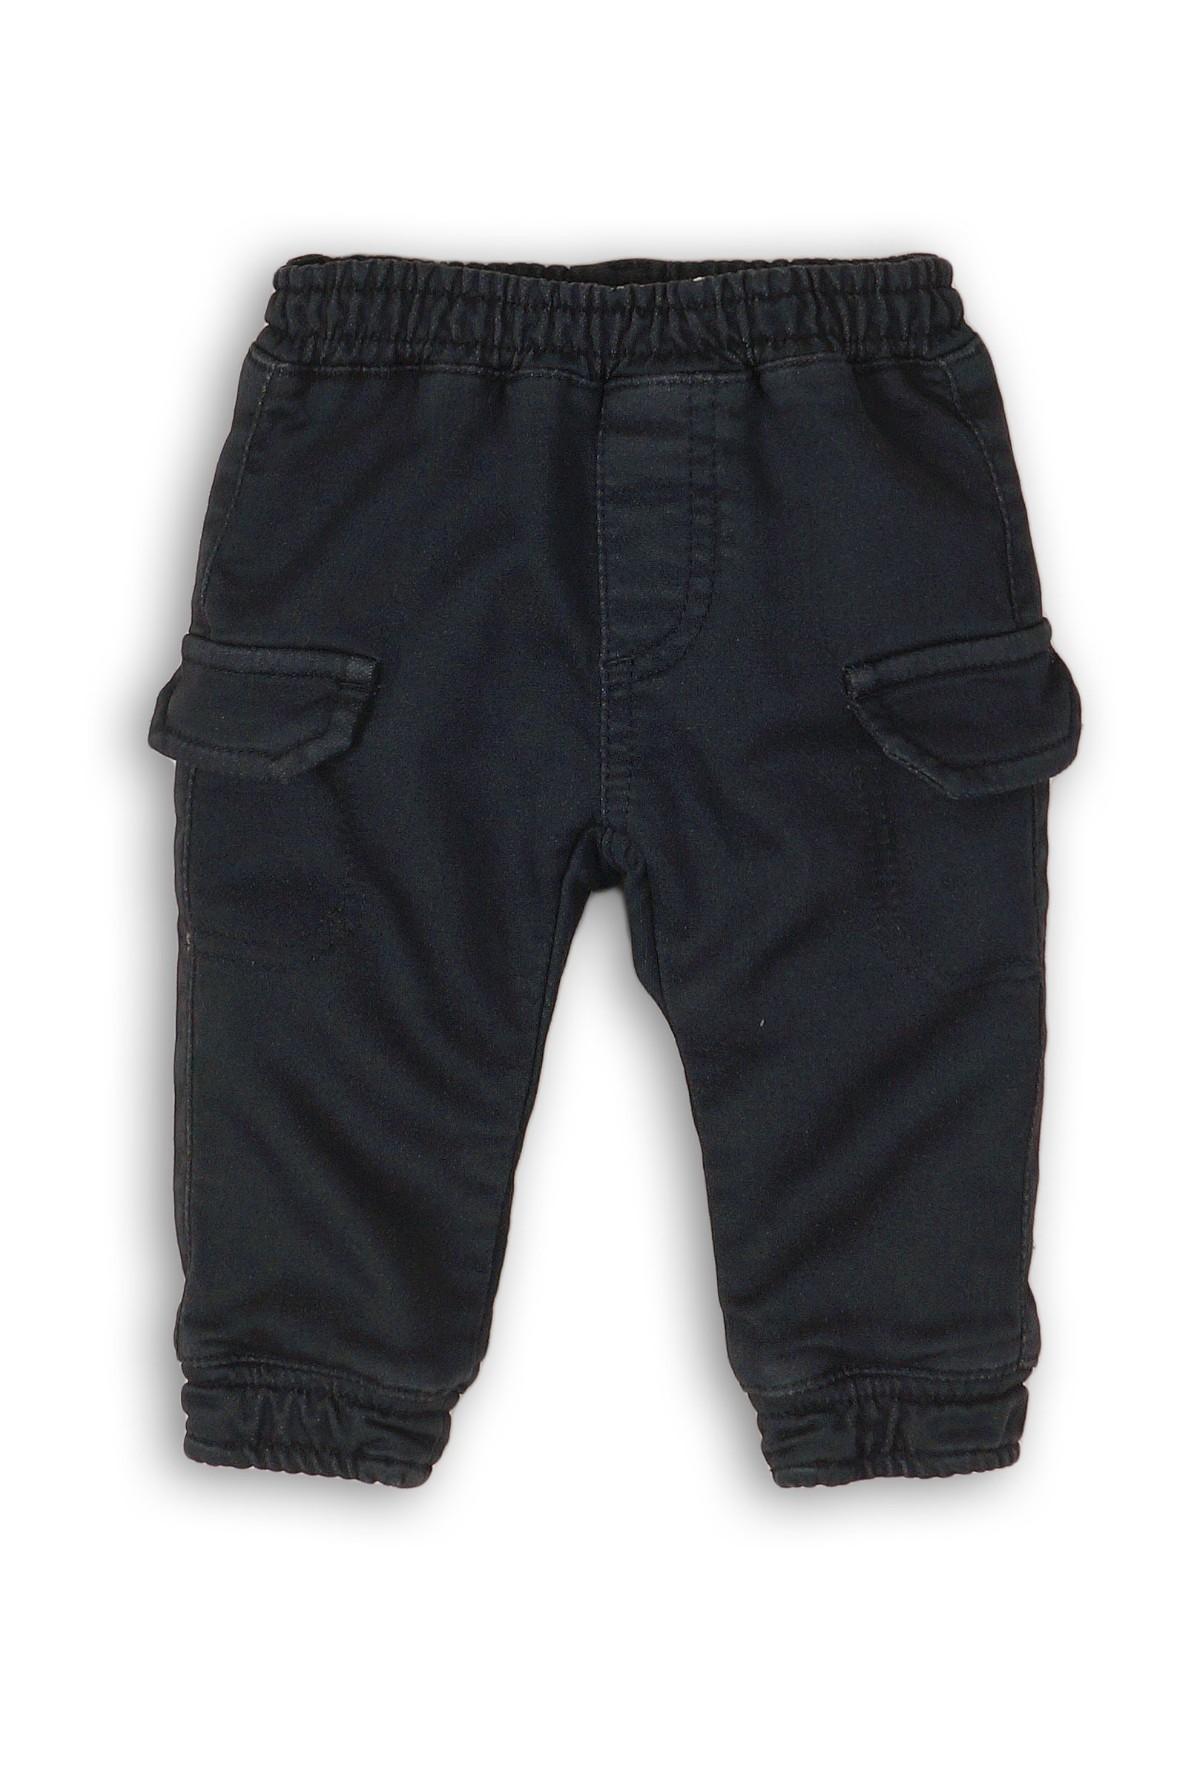 Spodnie chłopięce bojówki- czarne